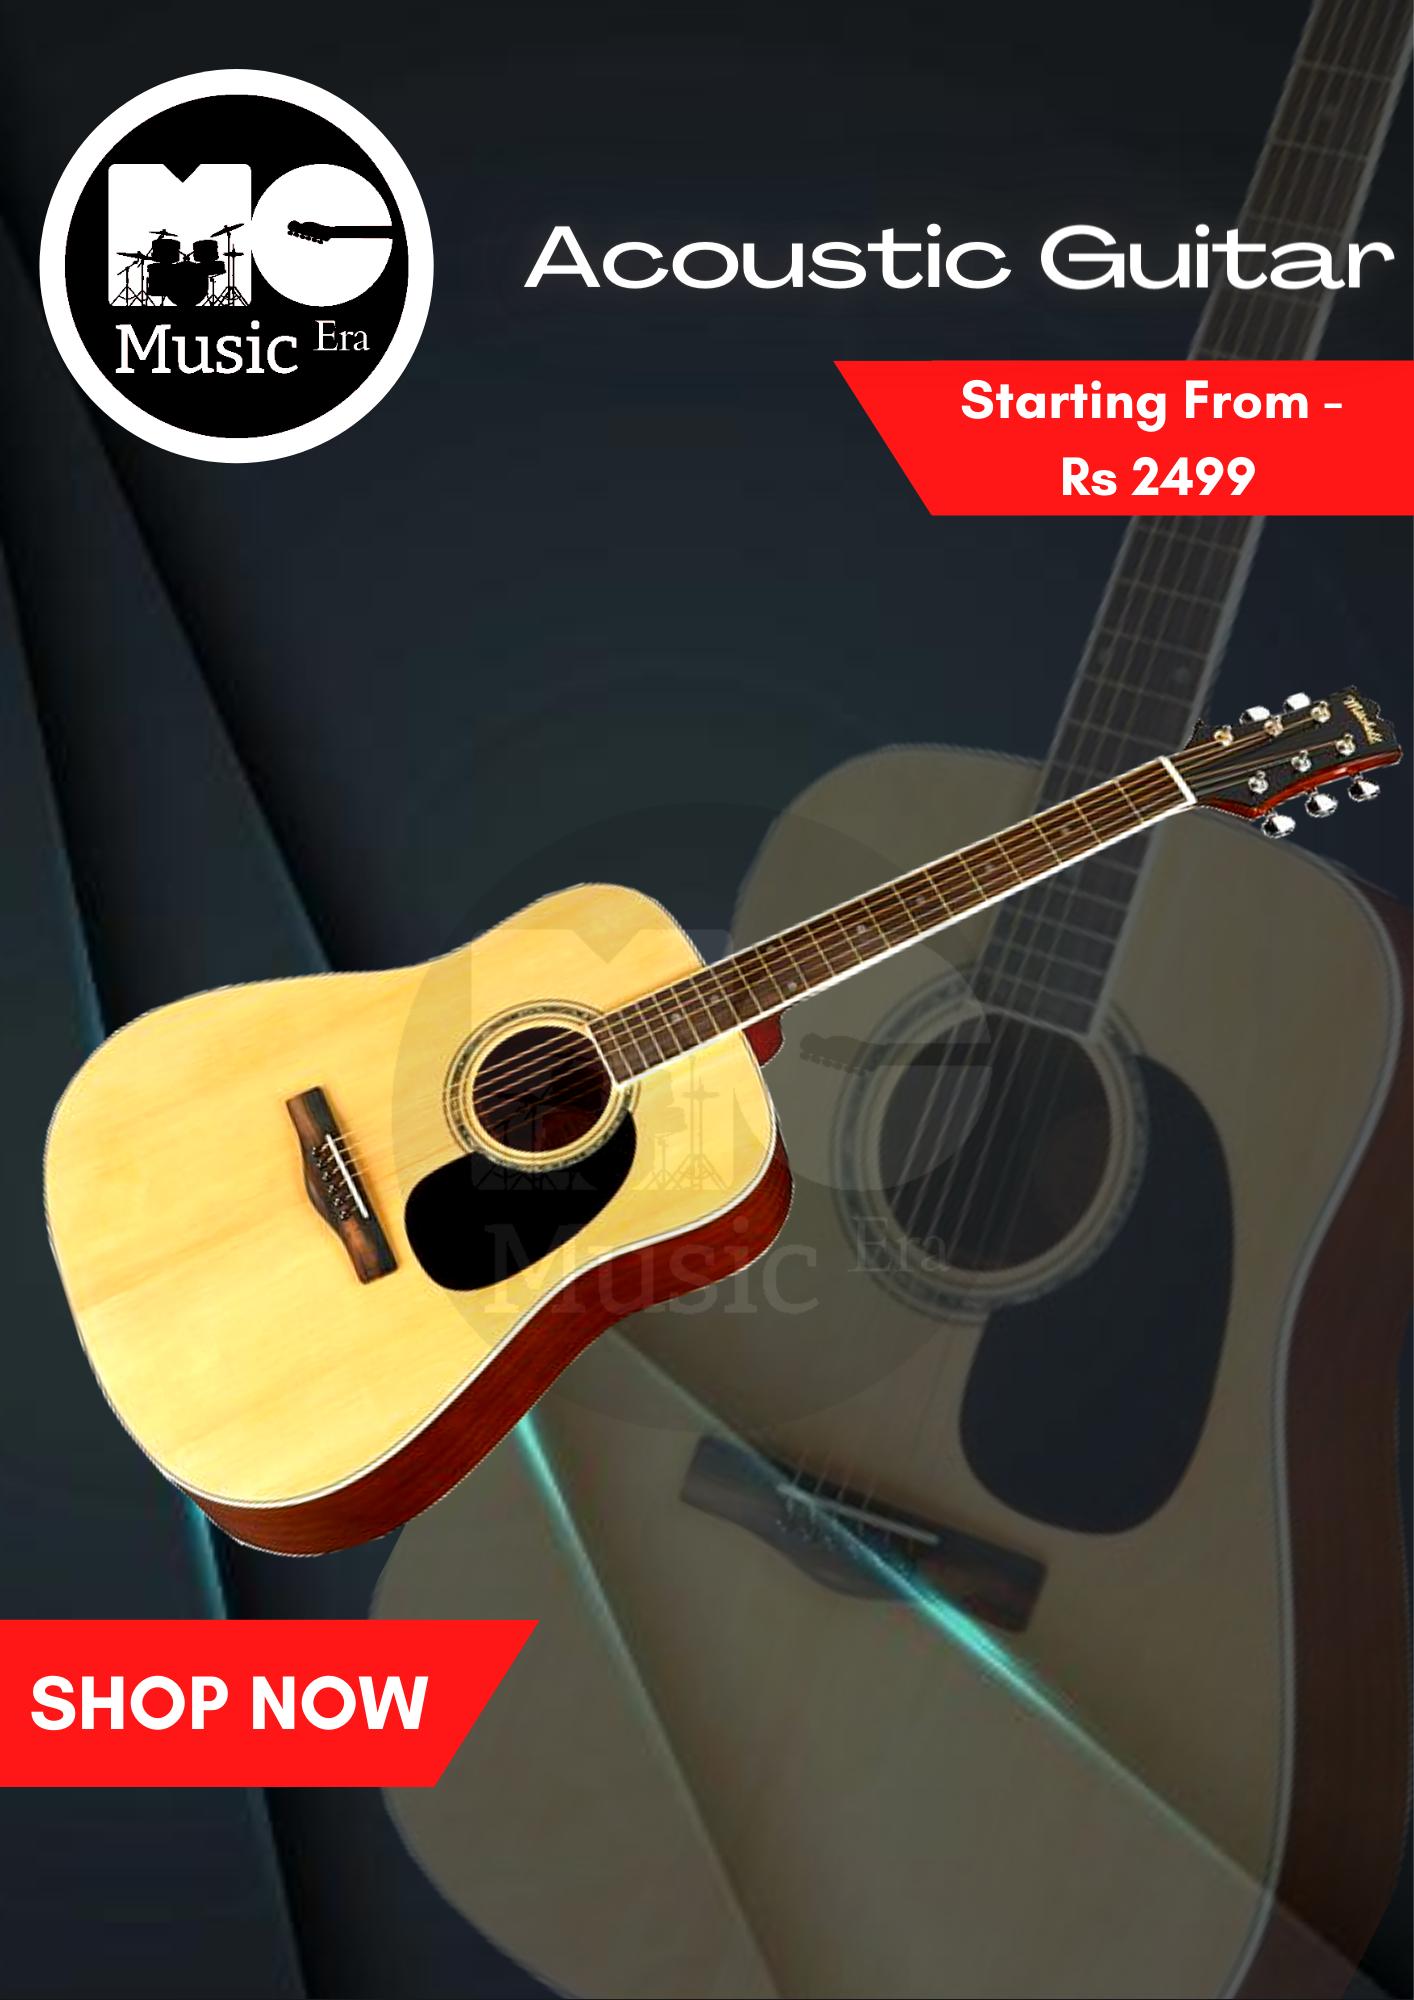 Buy Acoustic Guitar Online In 2020 Guitar Online Acoustic Guitar Music Acoustic Guitar